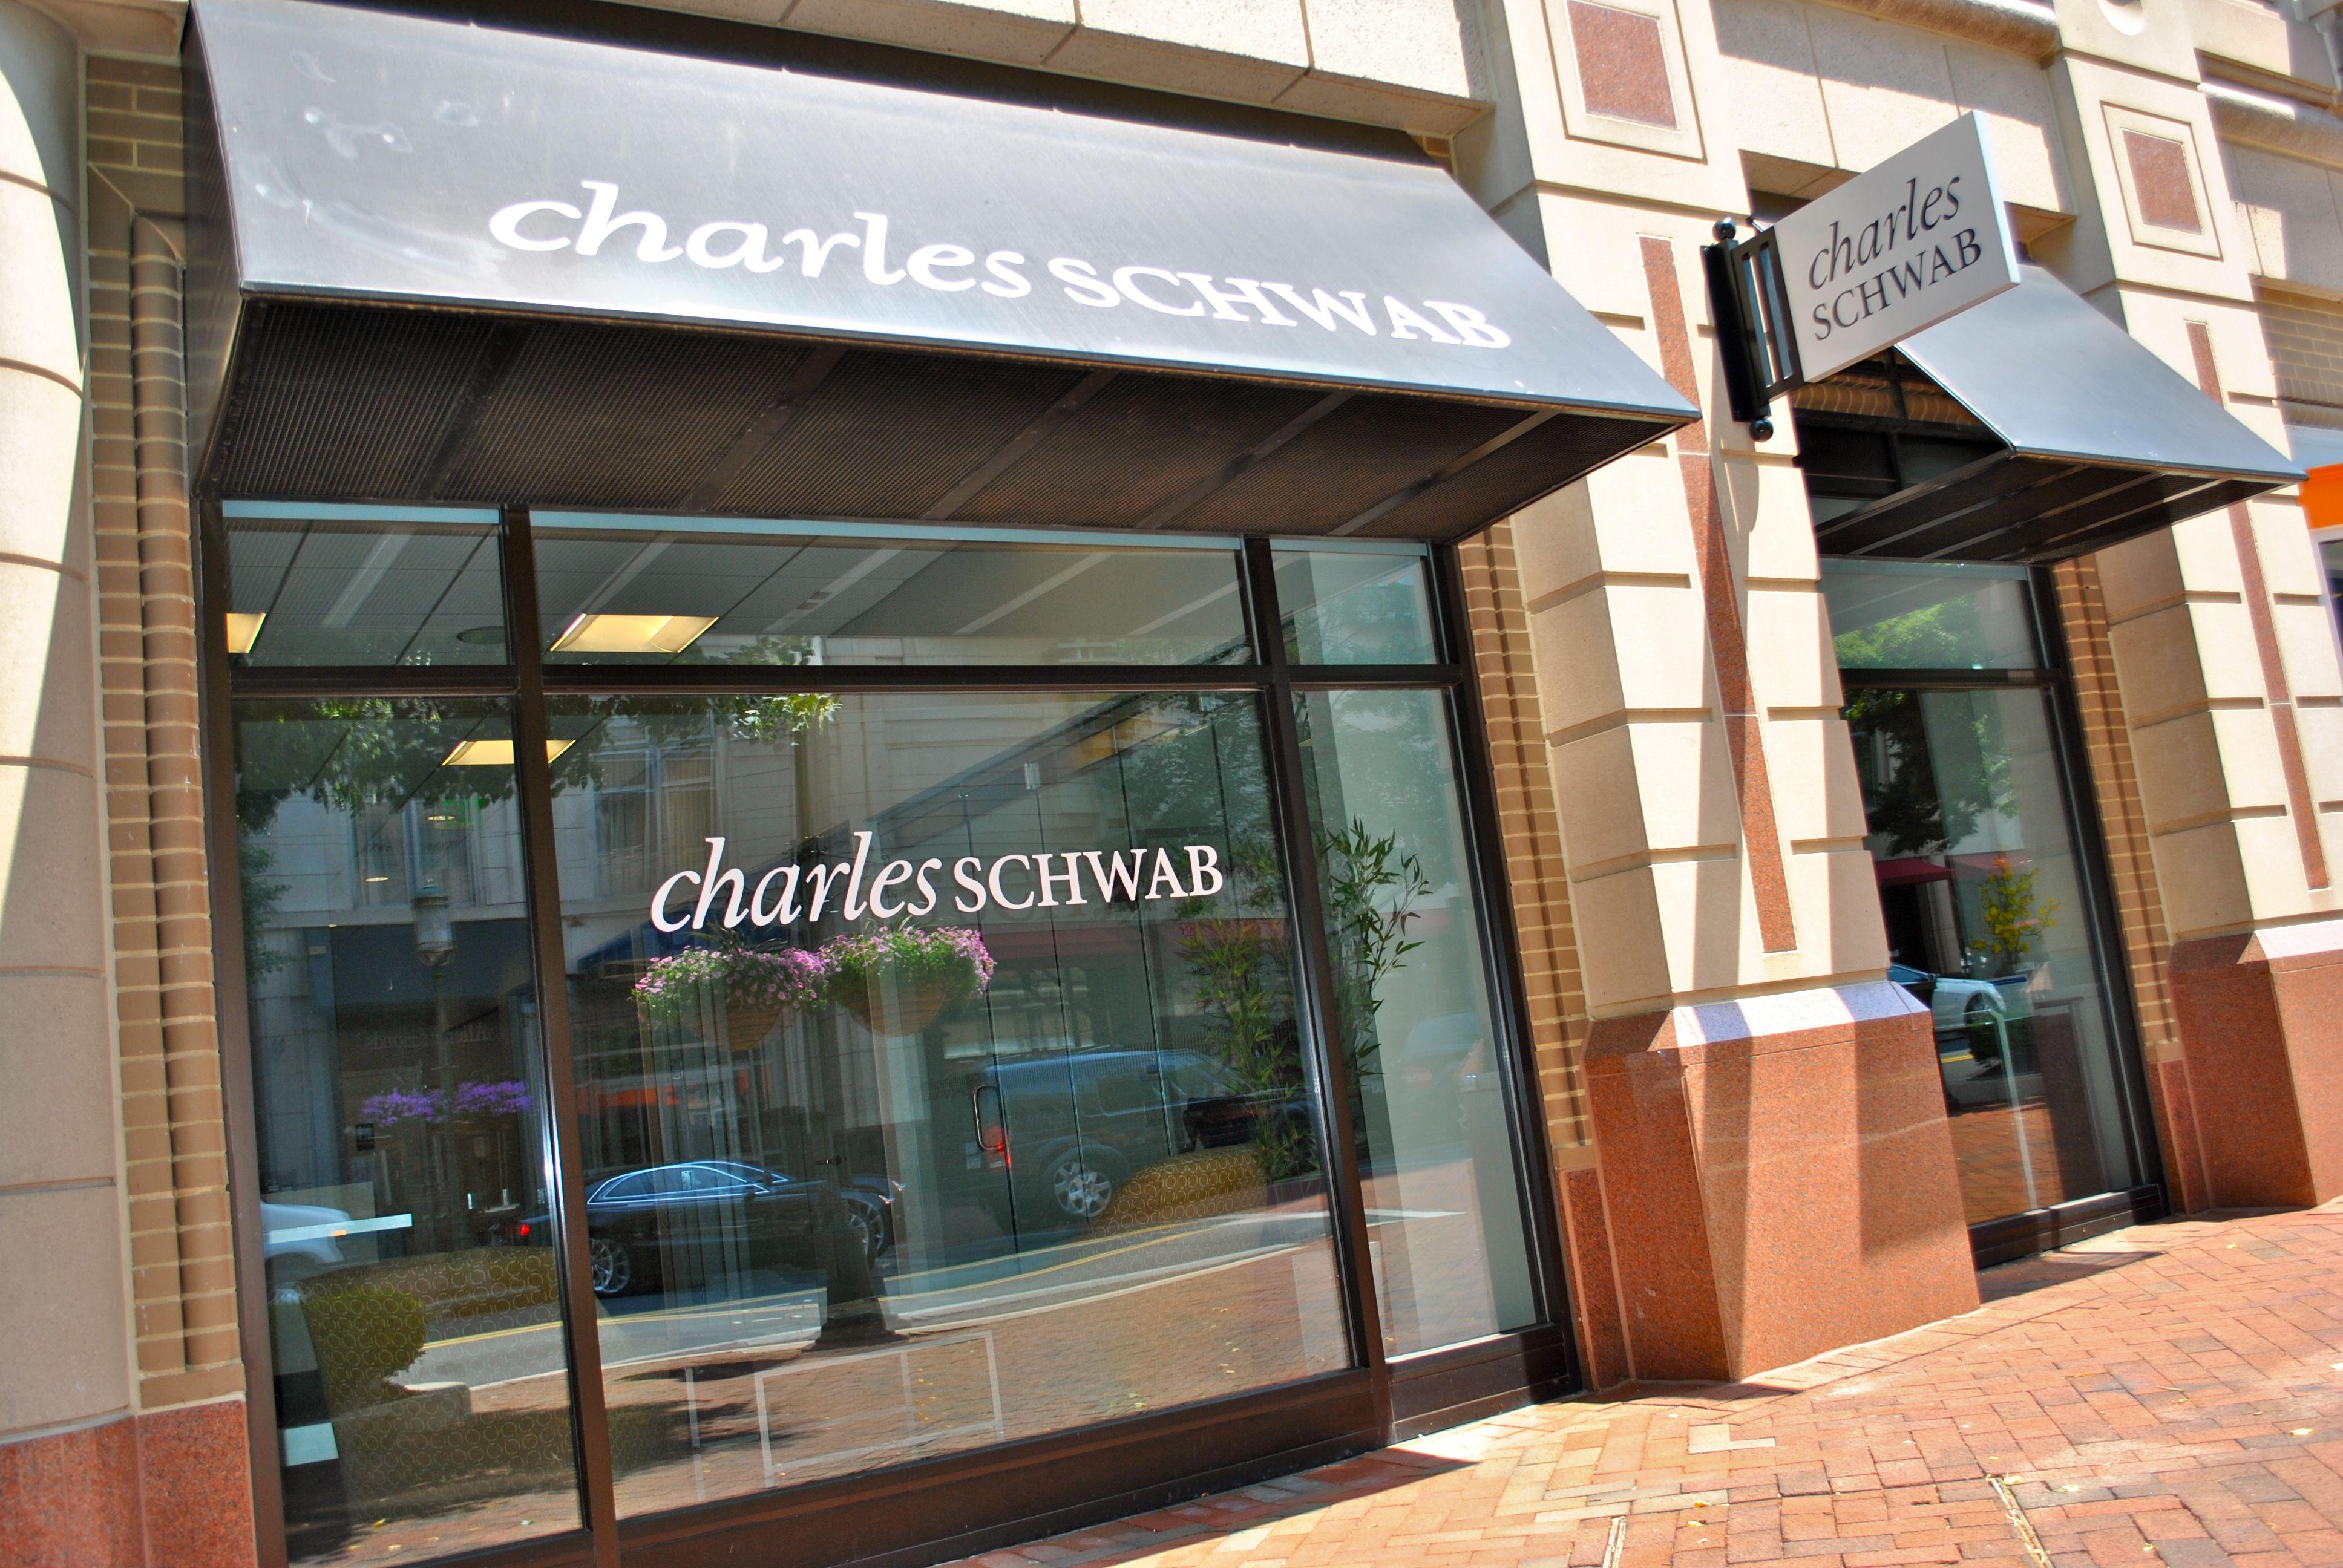 Charles Schwab On Market Street In Reston Town Center Reston